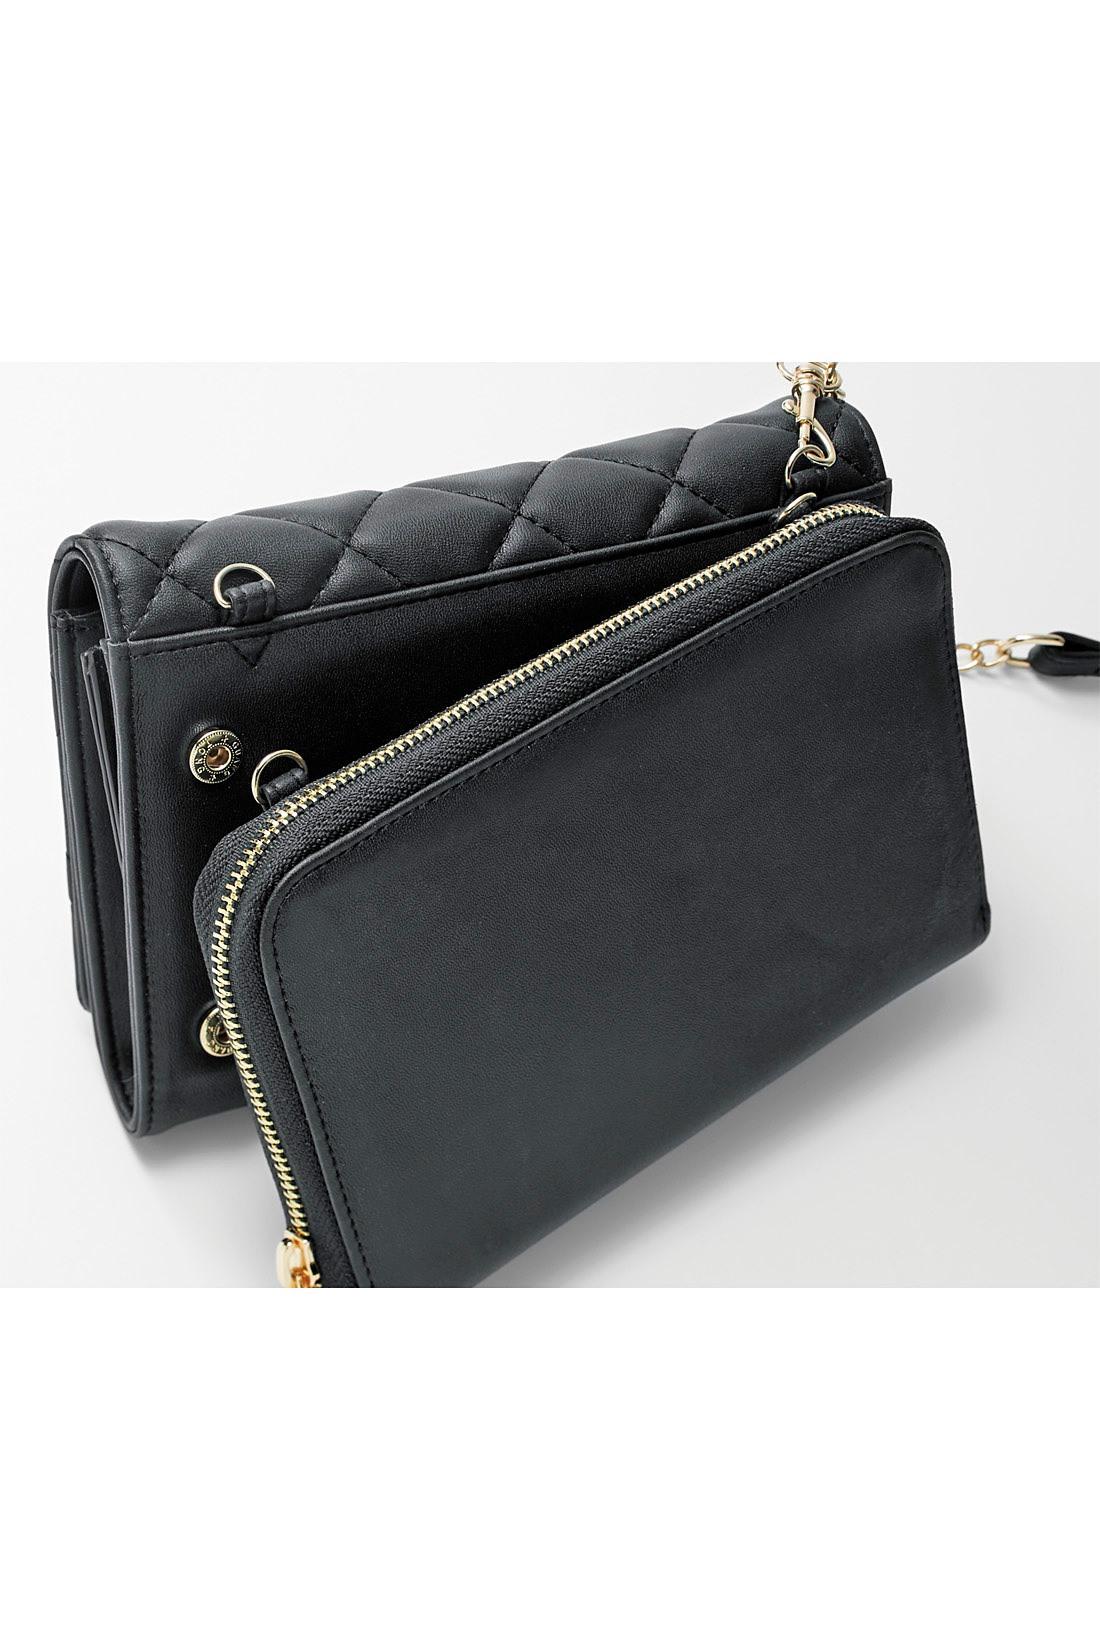 四隅のスナップでジョイント。さらにストラップのナスカン(金具)で、財布とバッグを一緒にホールドできます。